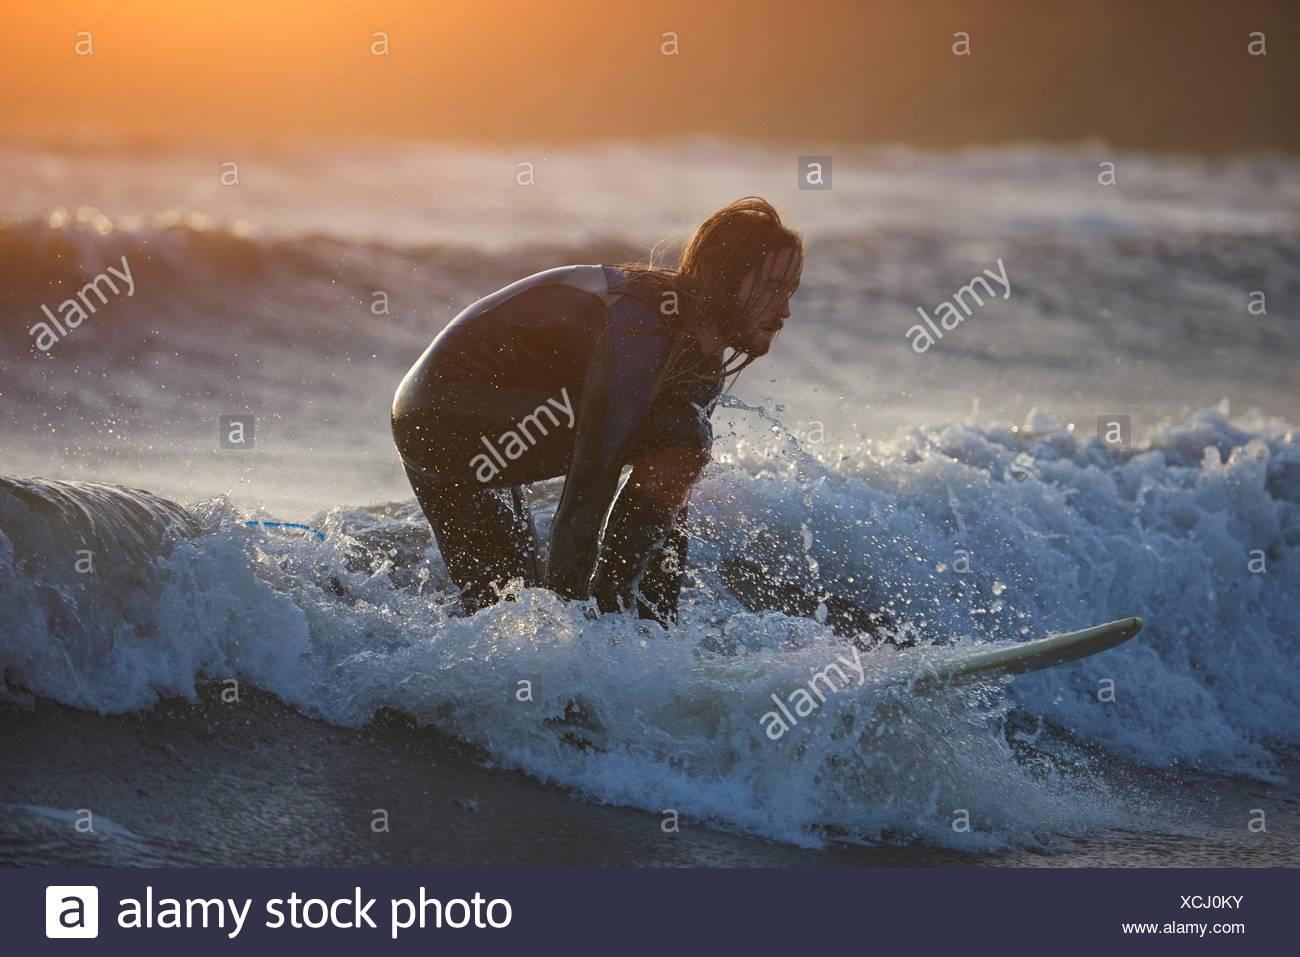 Giovane maschio surfer surf sulle onde dell'oceano, Devon, Inghilterra, Regno Unito Immagini Stock